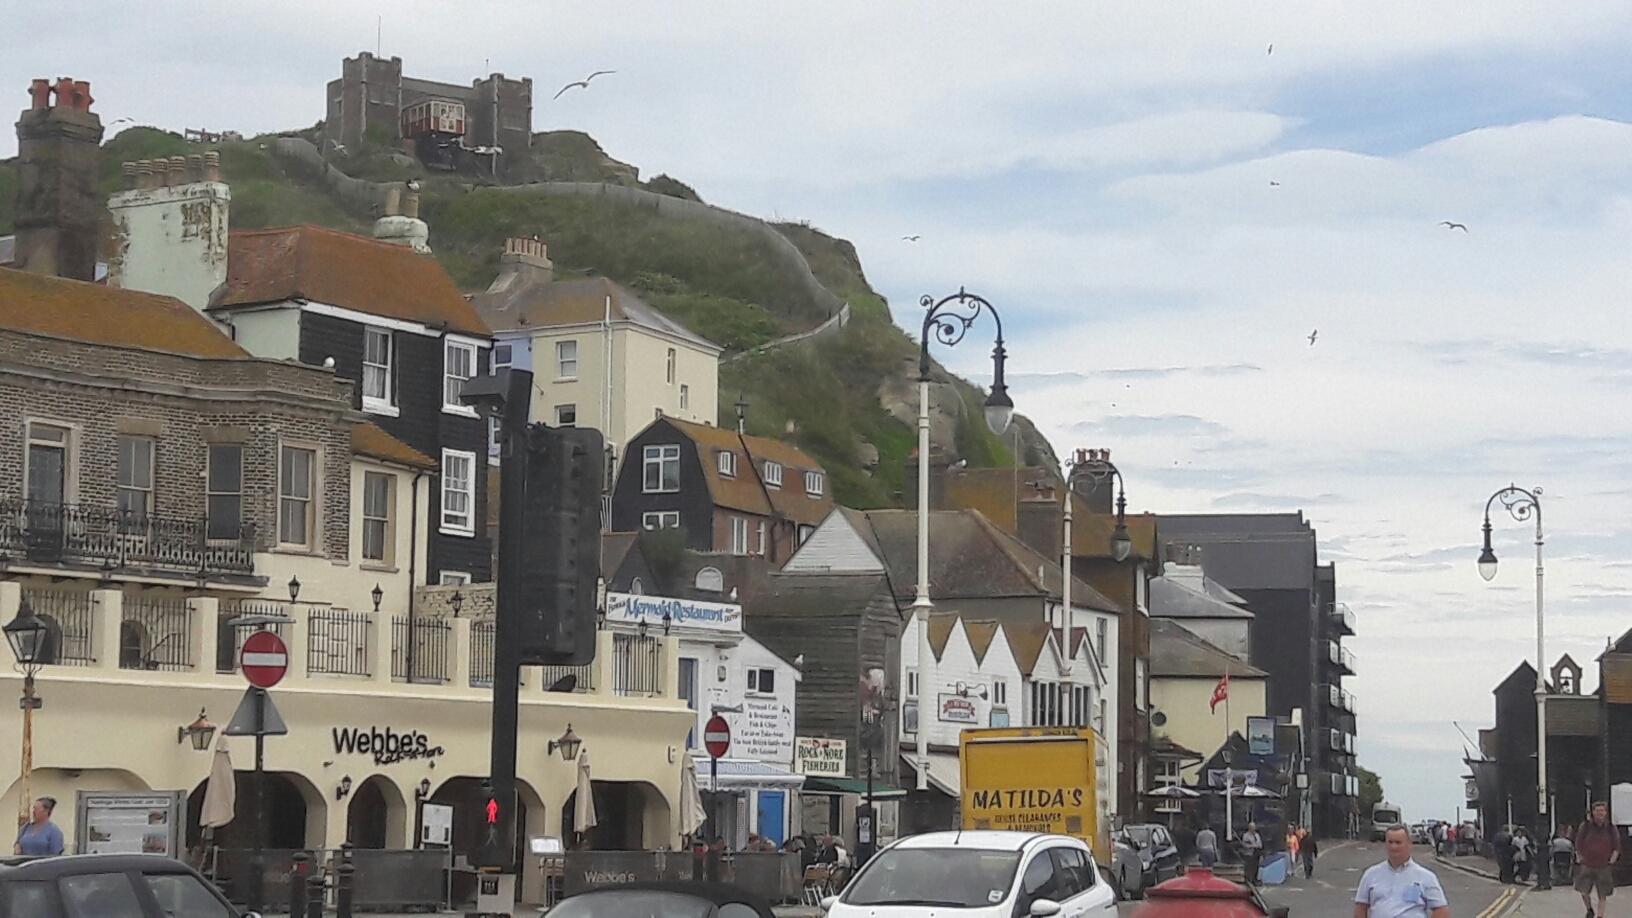 nochmal Hastings, gut besucht mit allen möglichen Freizeitangeboten